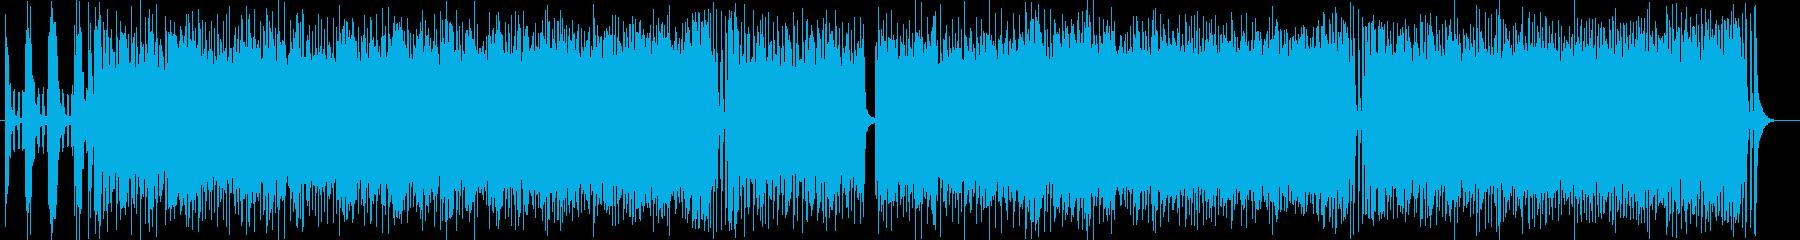 スピーディーで疾走感あるドラムサウンドの再生済みの波形